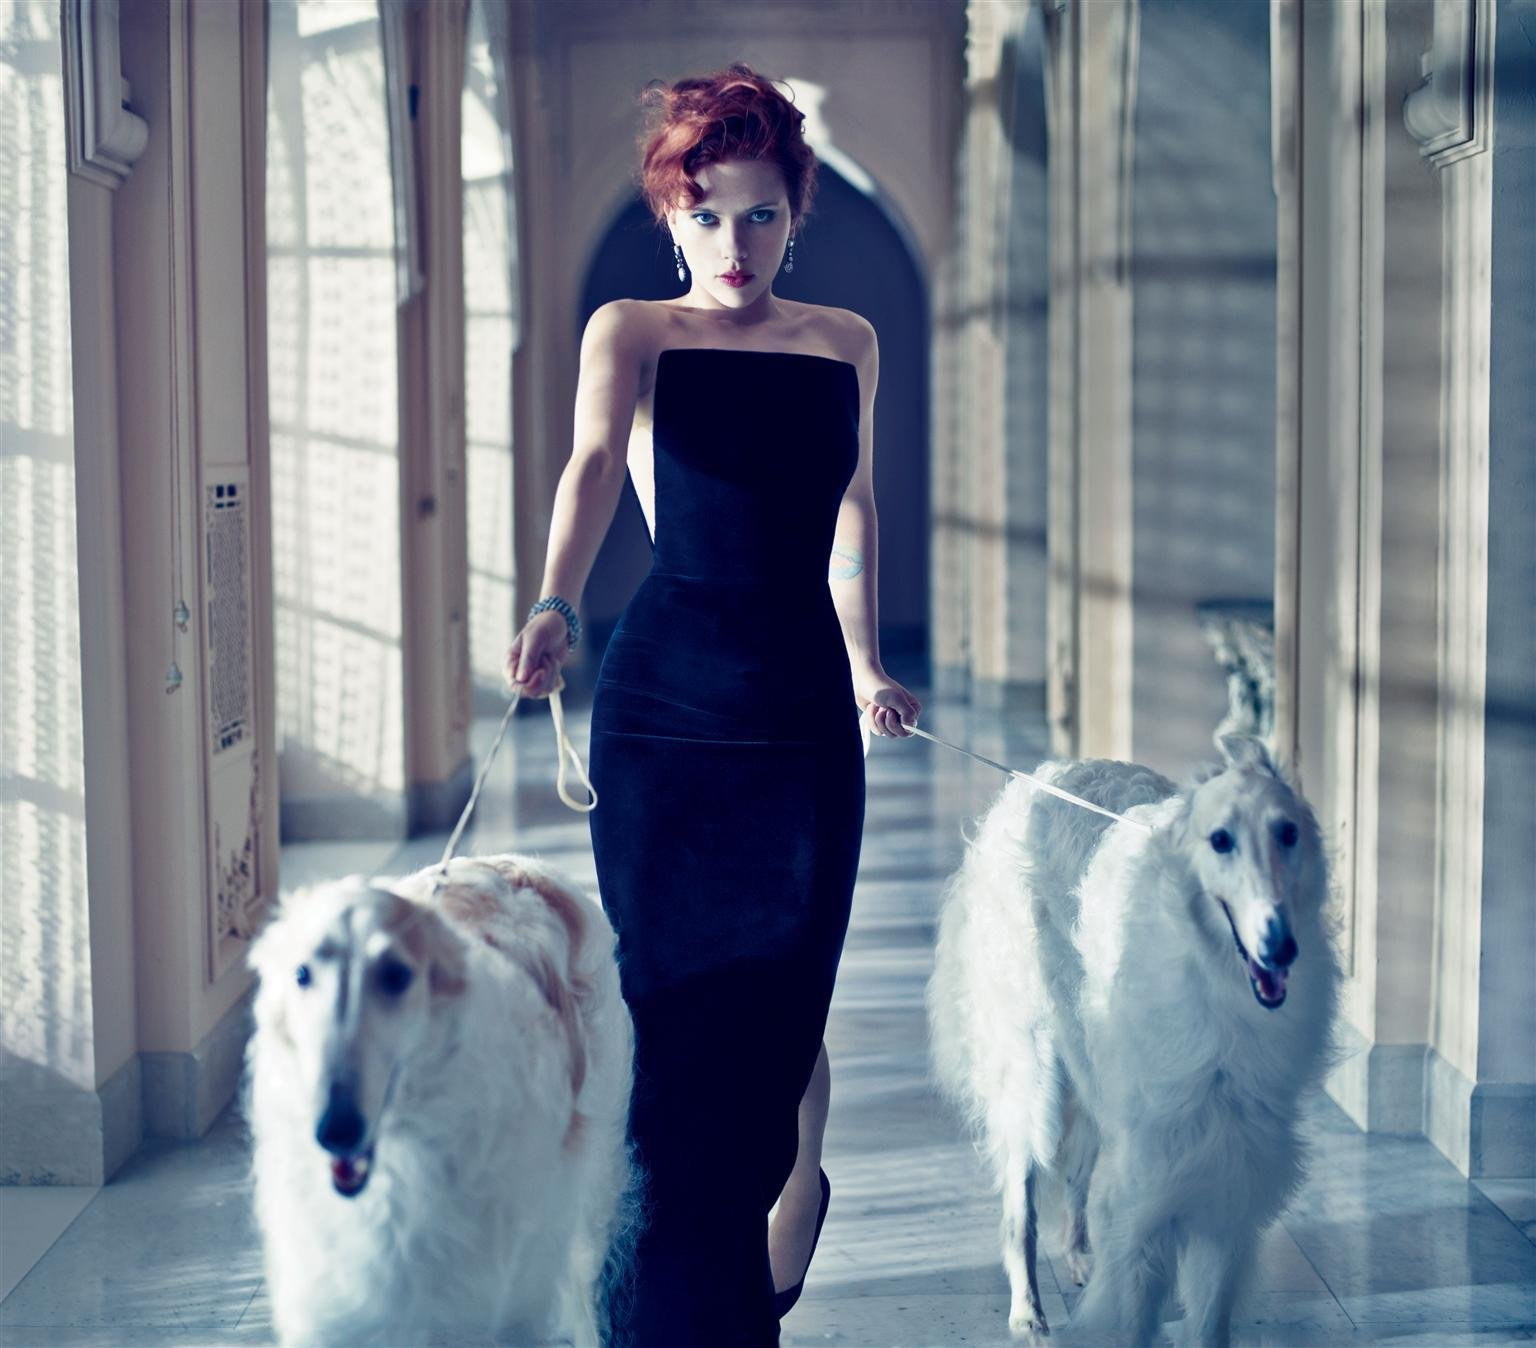 Скарлетт Йоханссон в фотосессии для журнала Vanity Fair